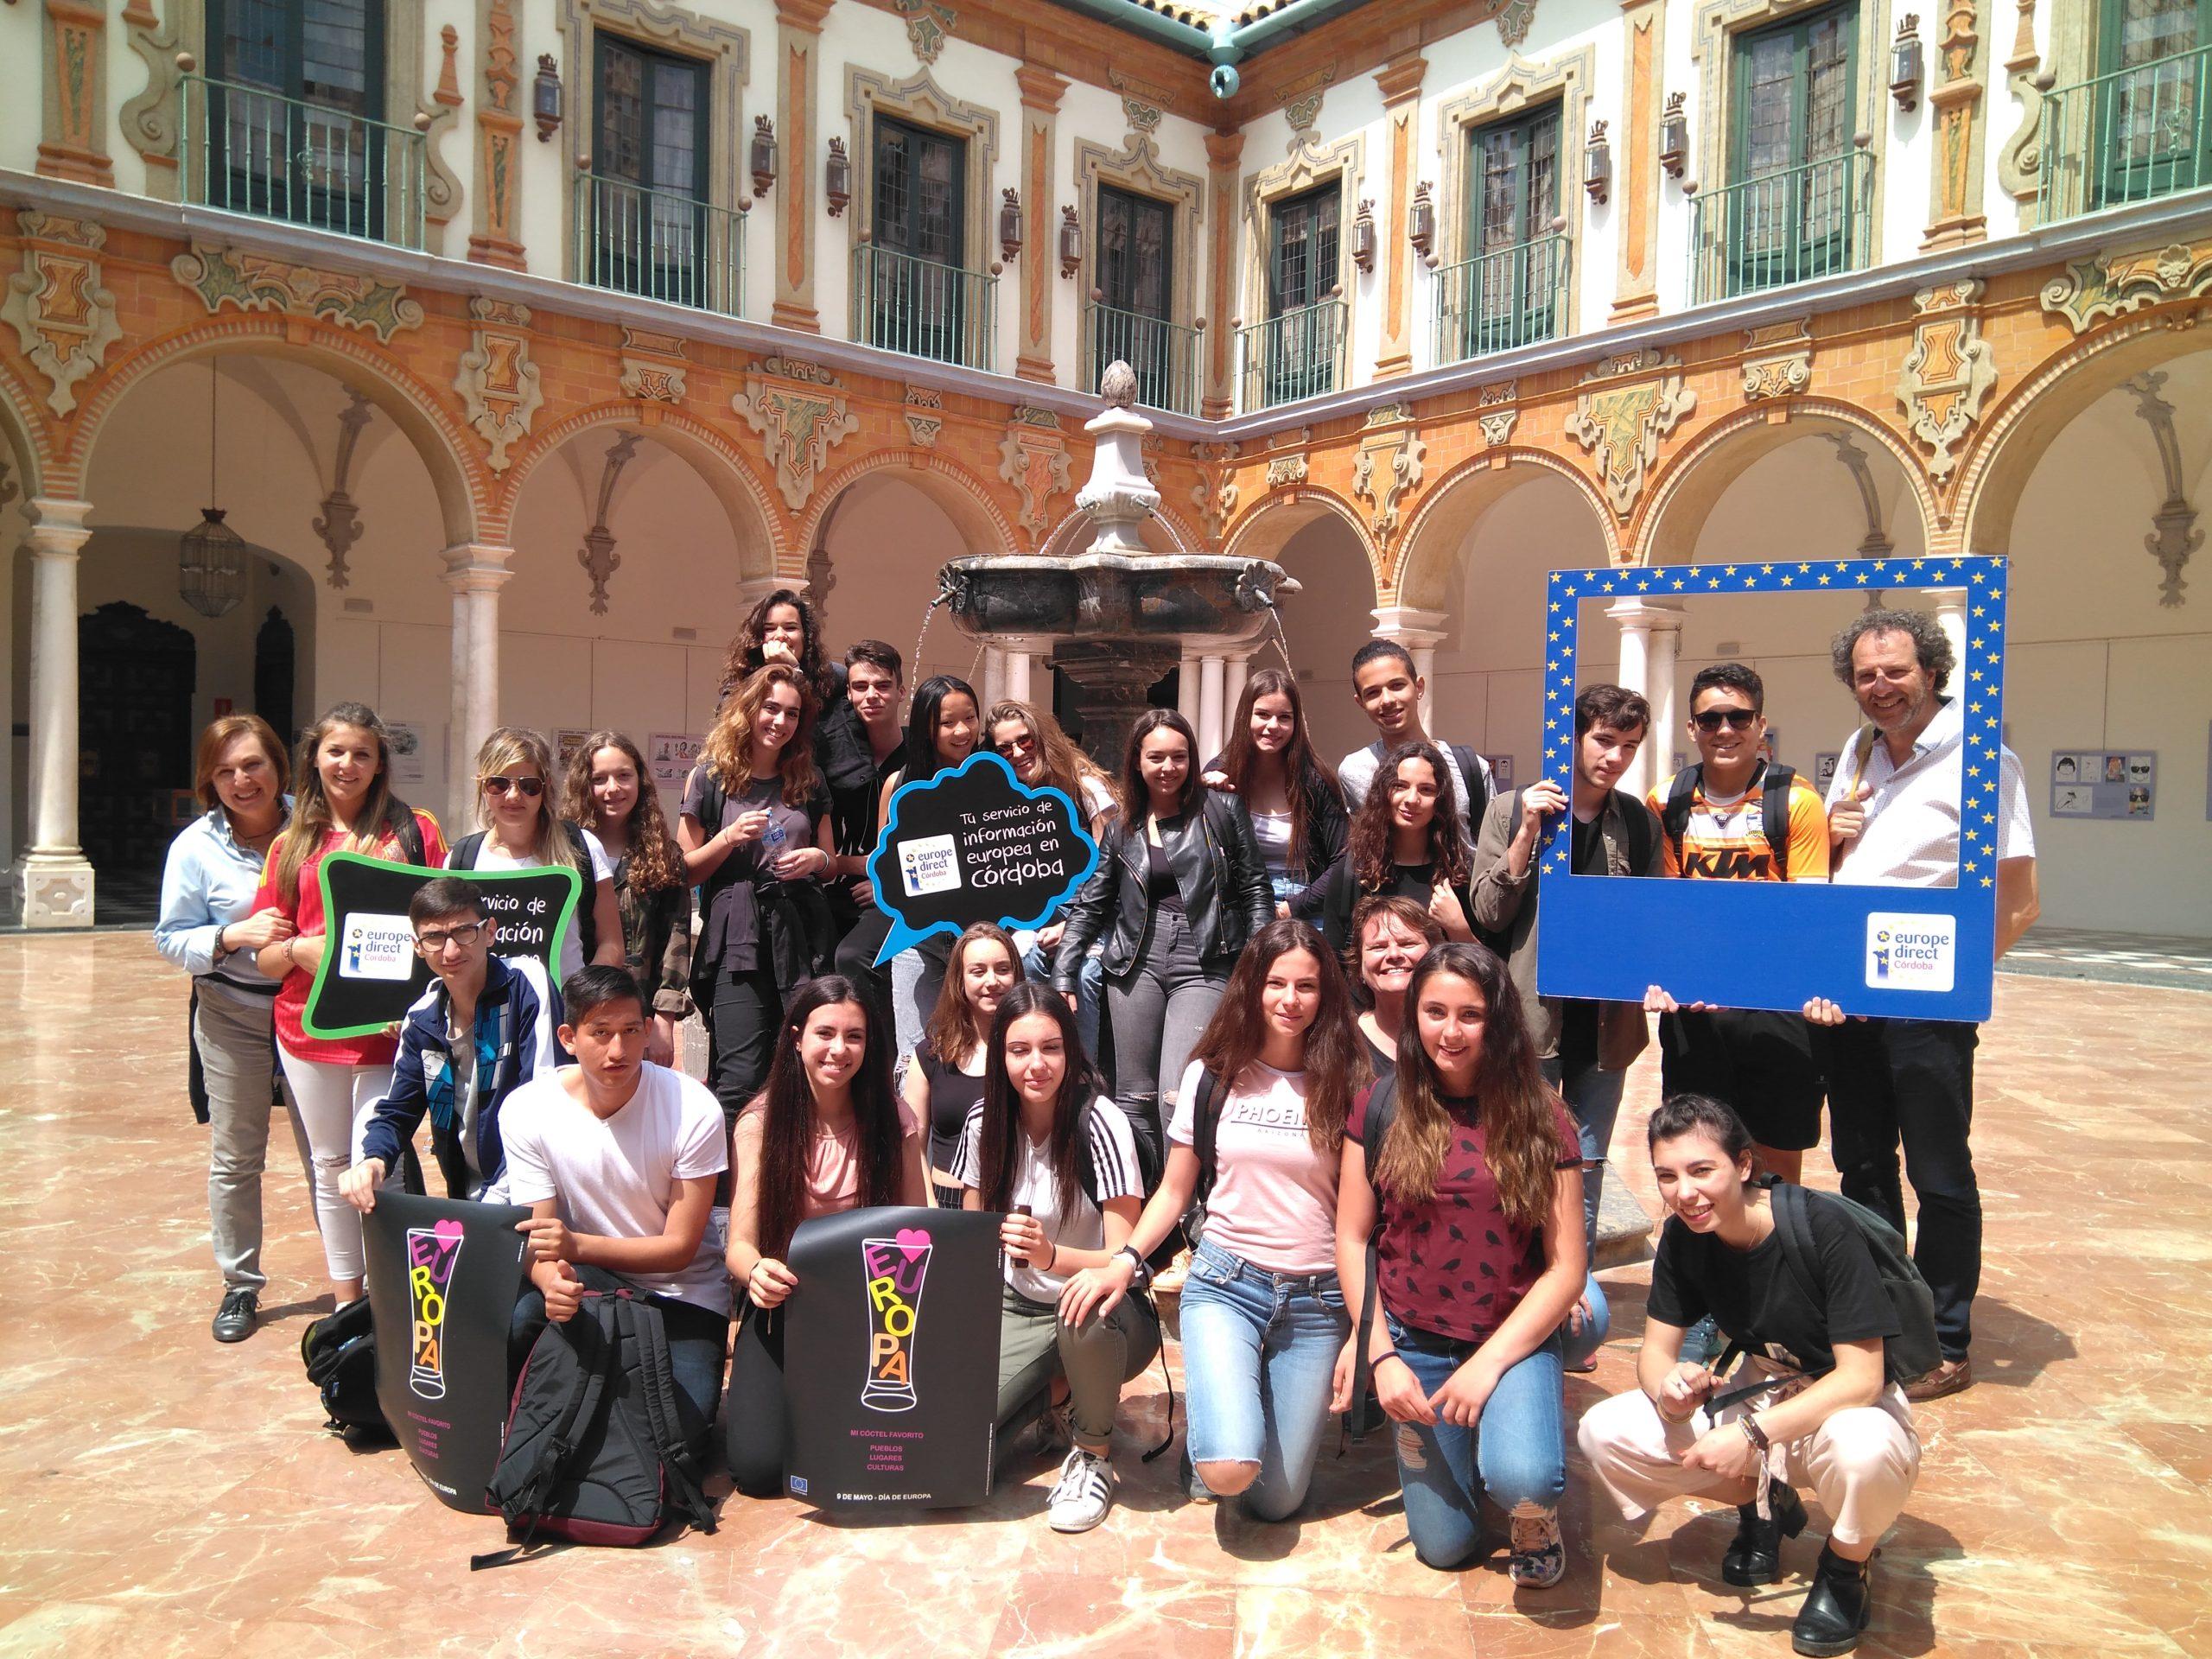 Visita alumnos intercambio IES El Tablero, 27 de abril de 2017.